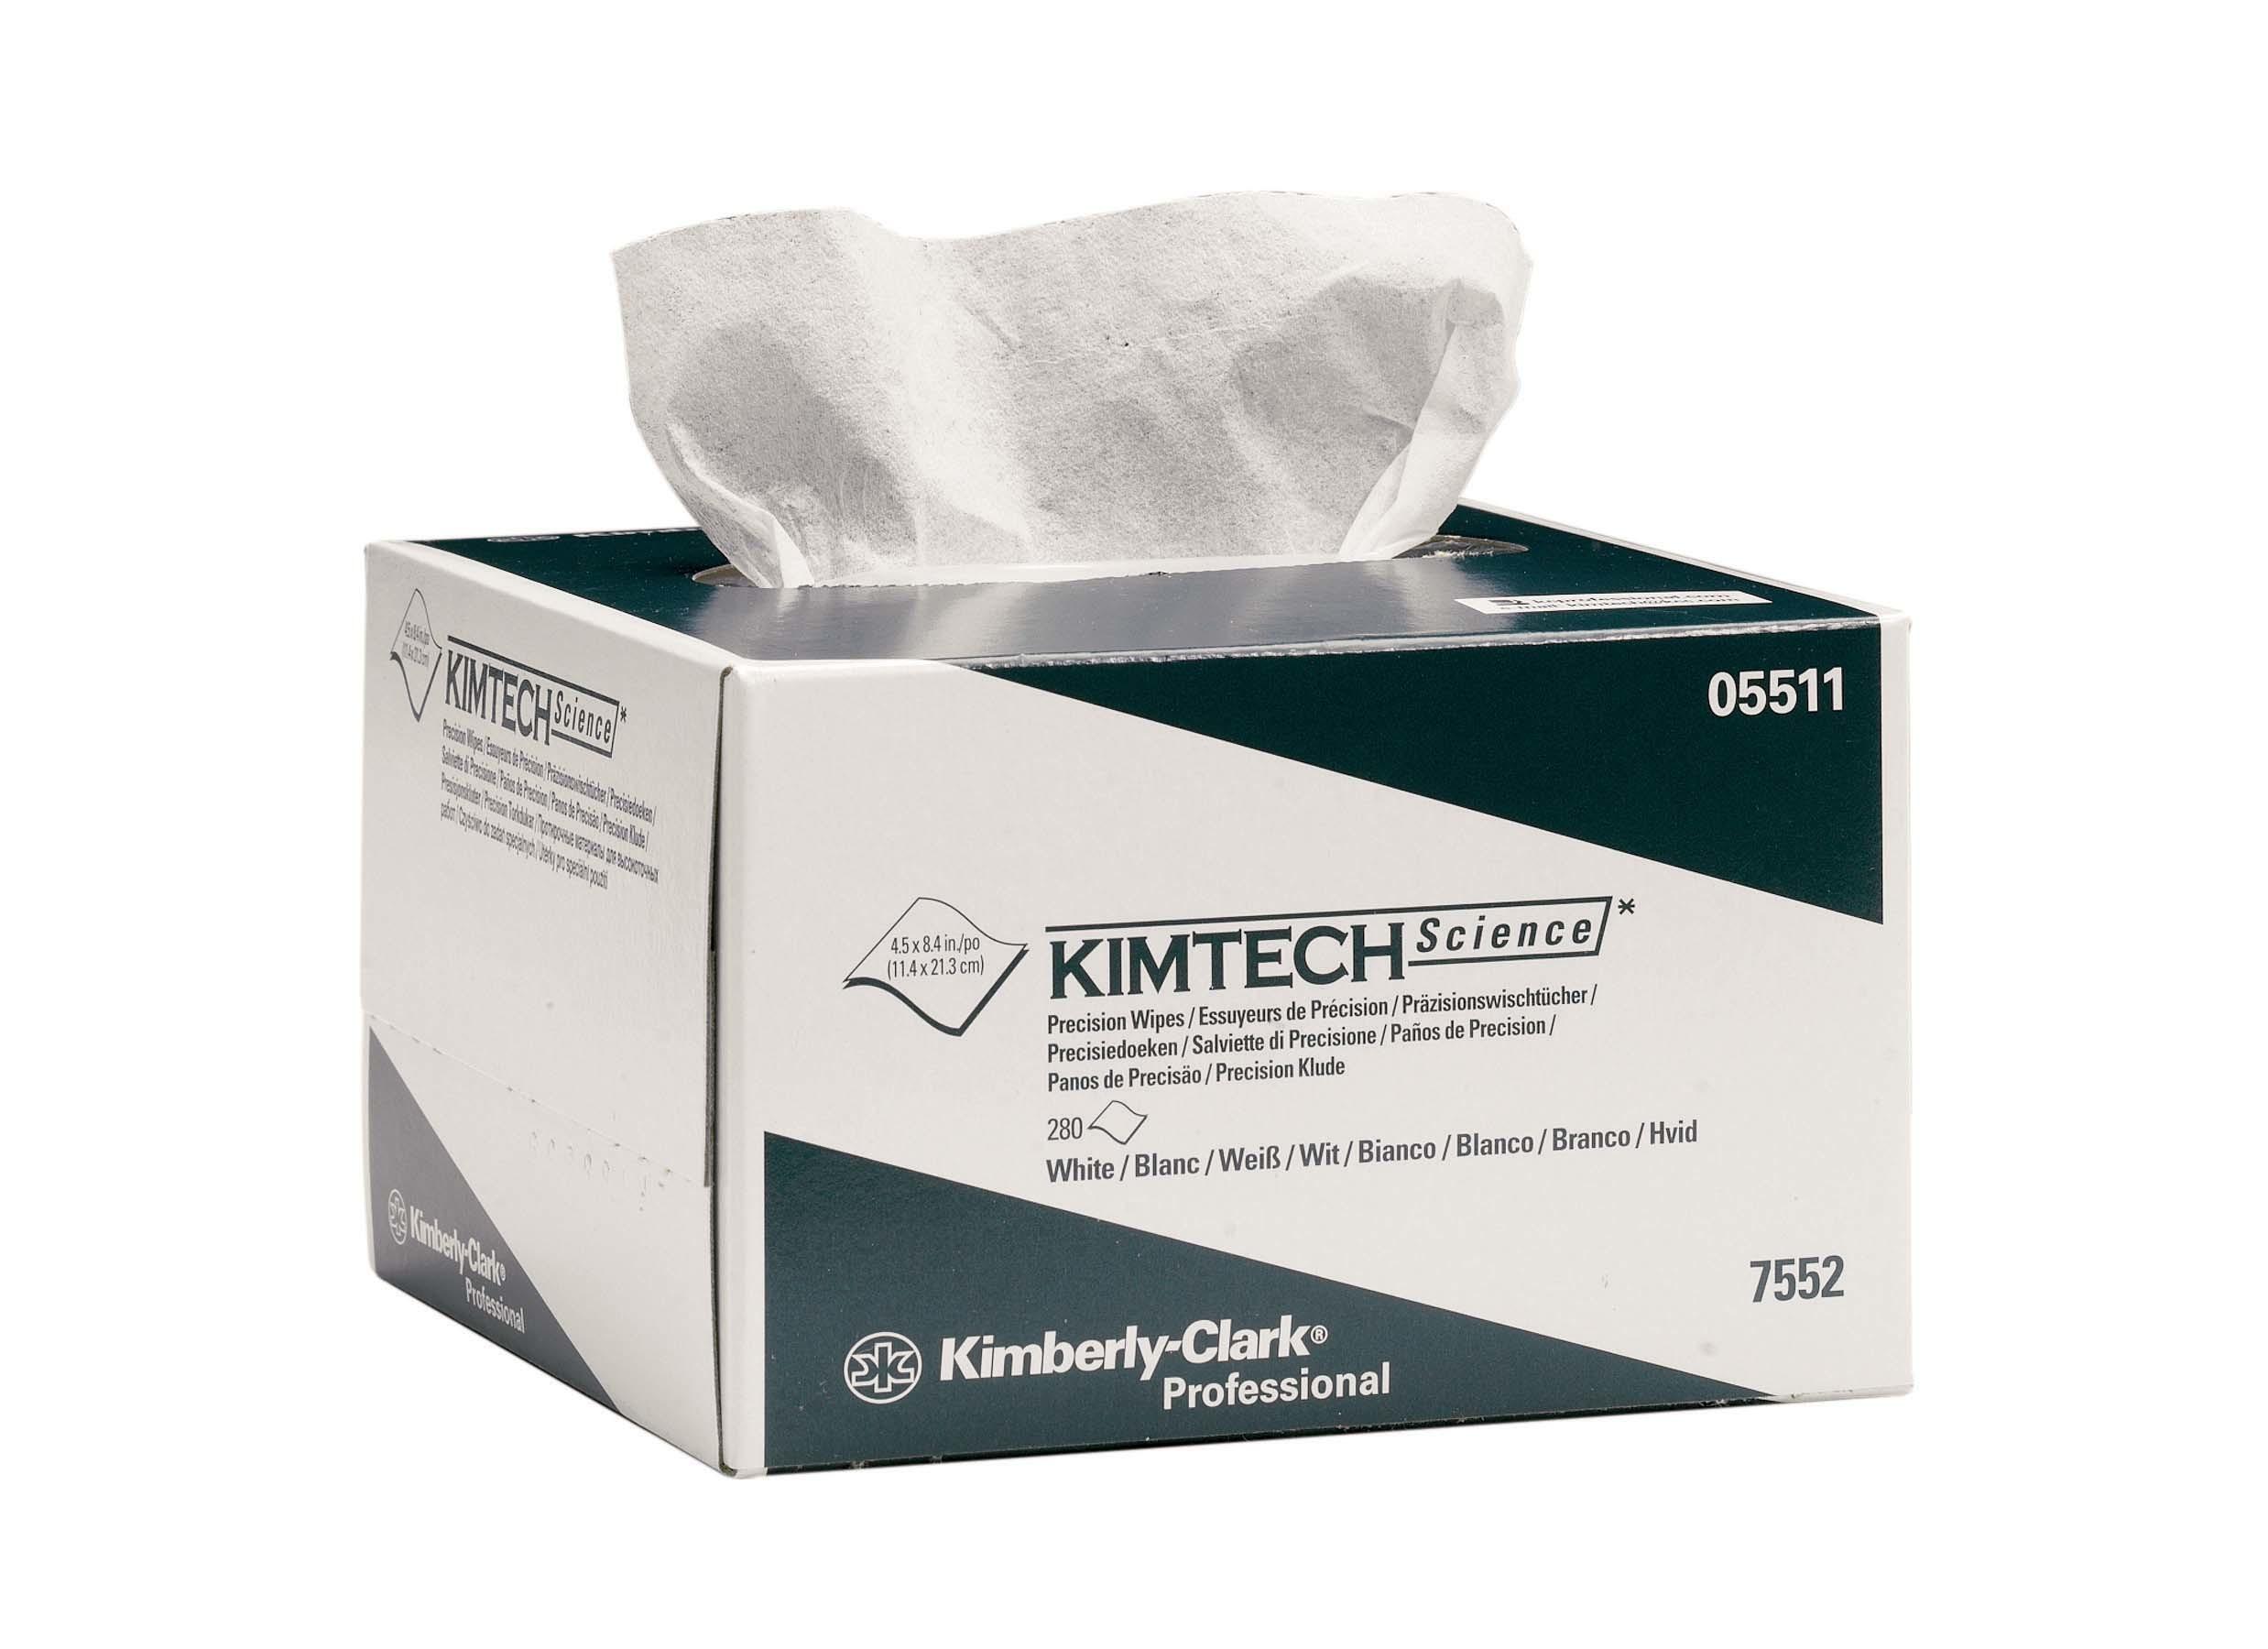 Lavete Kimtech Science Precision W Alb 1 Strat sanito.ro